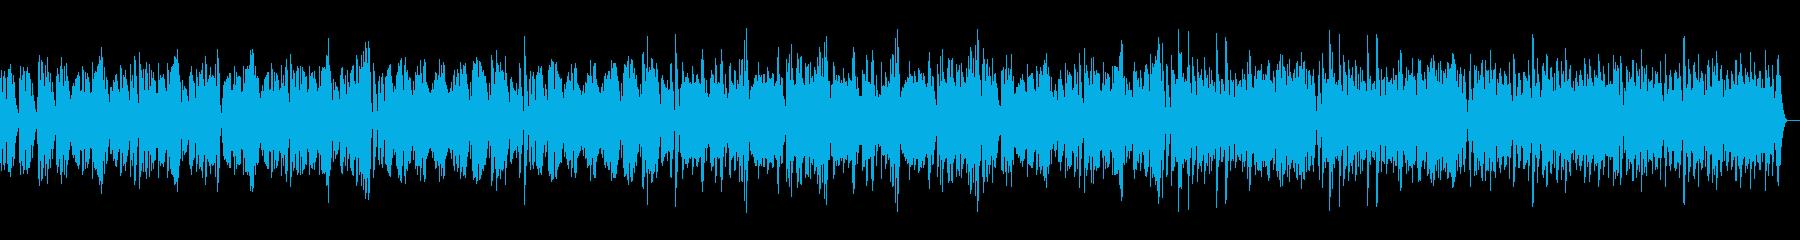 オリジナル・ラグス_オルゴールverの再生済みの波形